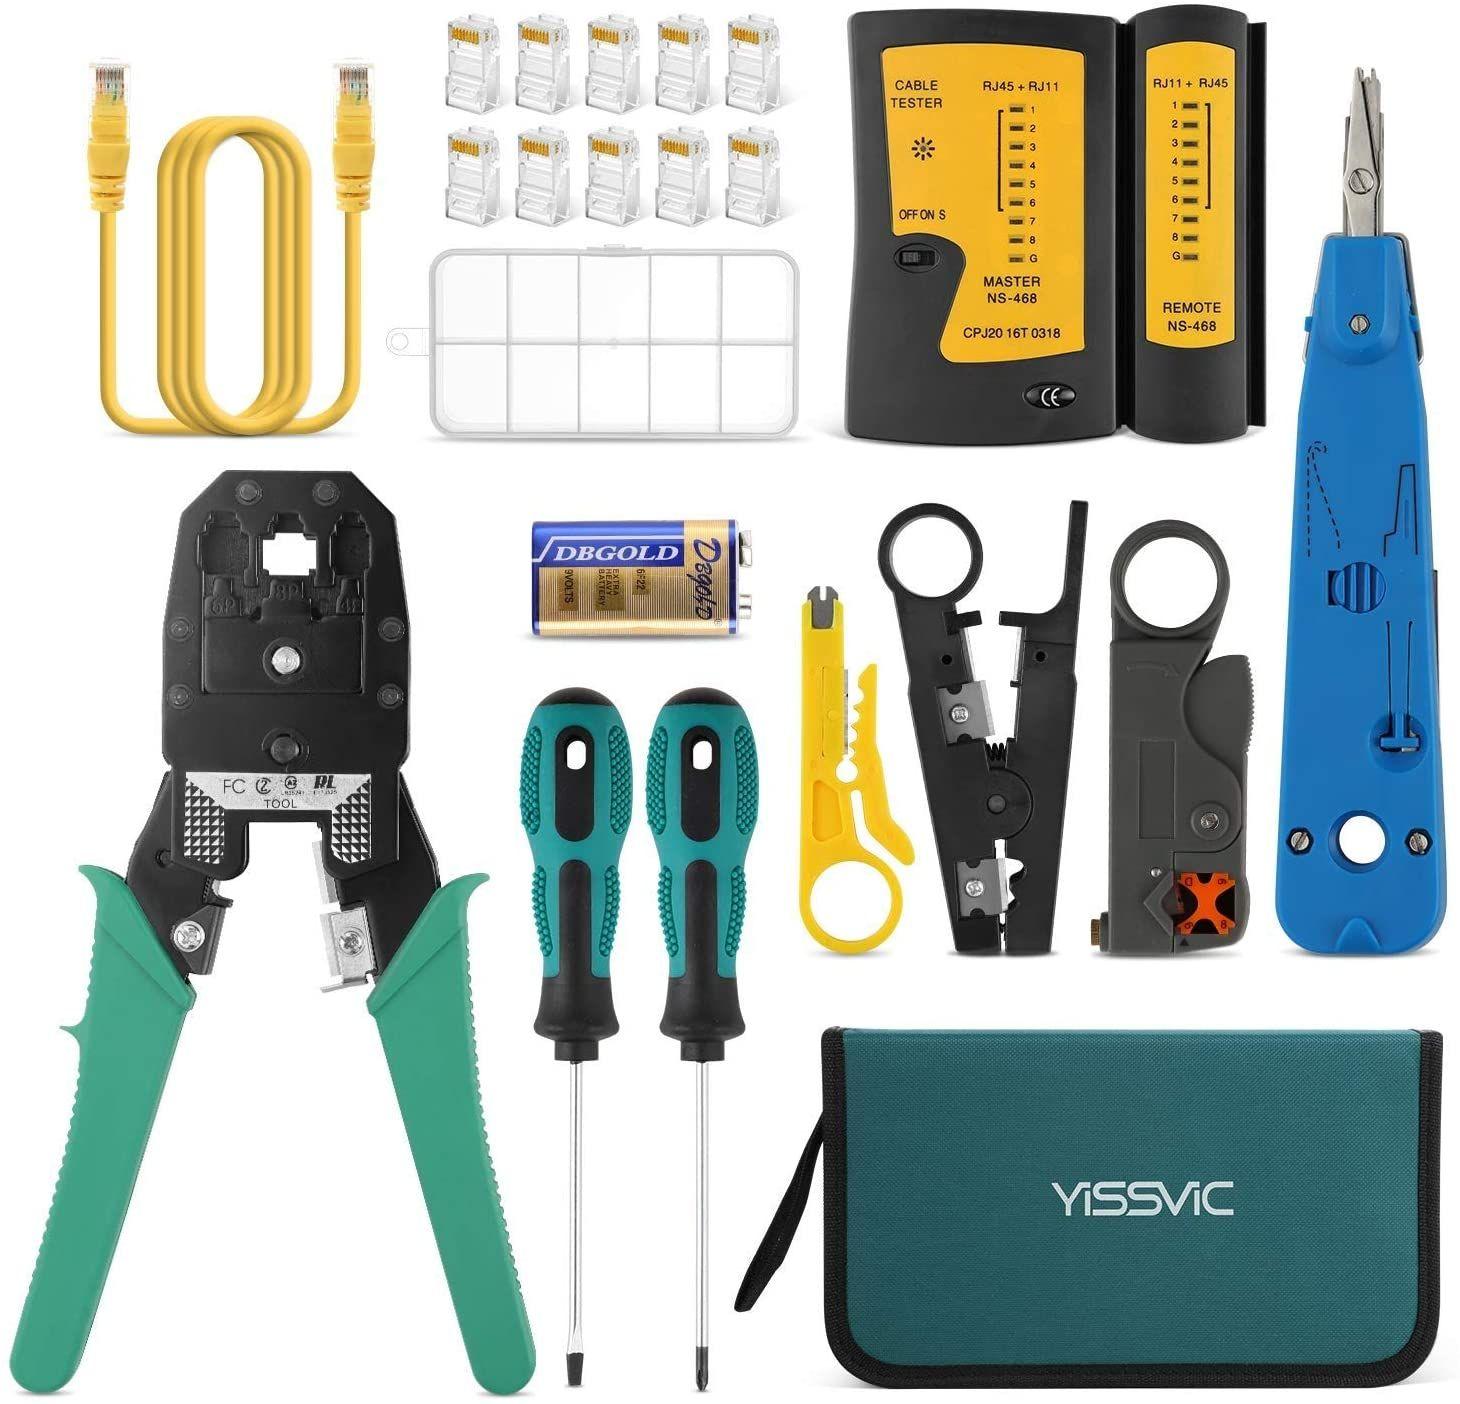 Comprobador de Cable de Red Kit de Herramientas de Reparación de Red